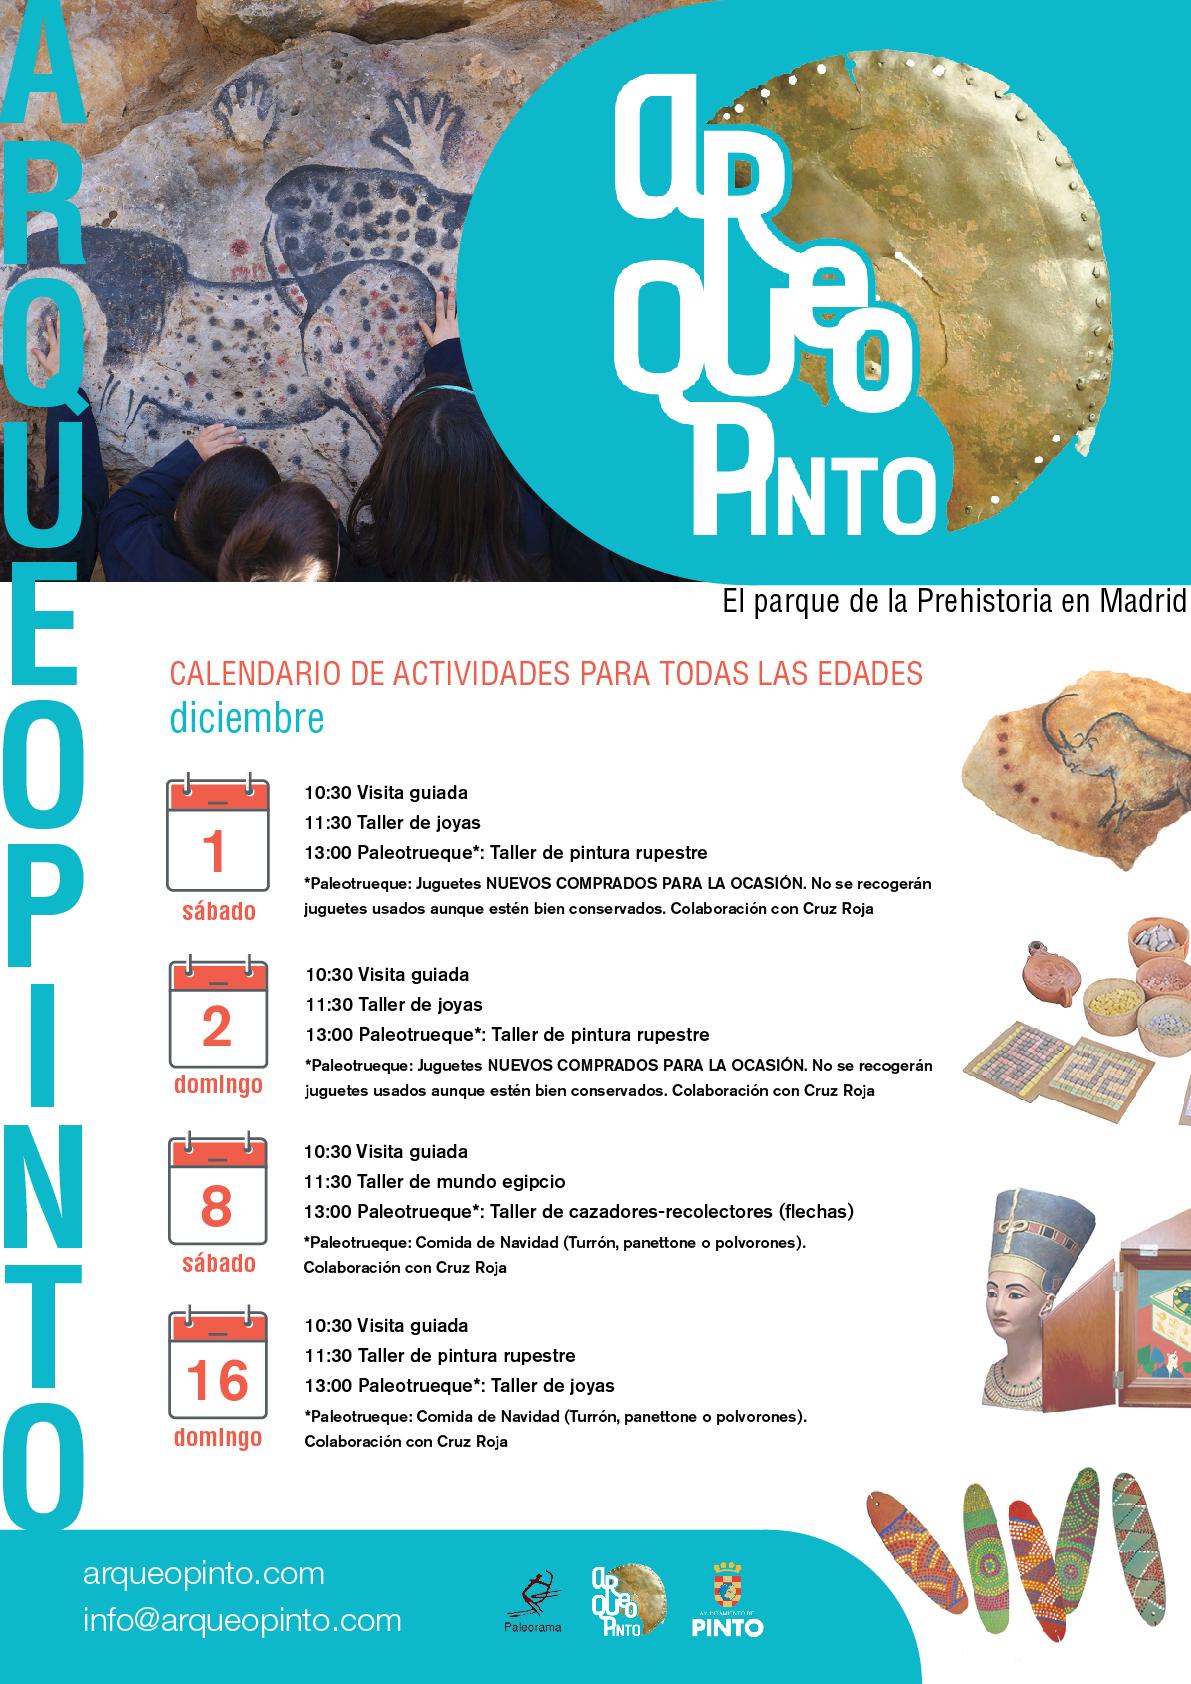 Actividades fines de semana Arqueopinto diciembre 2018